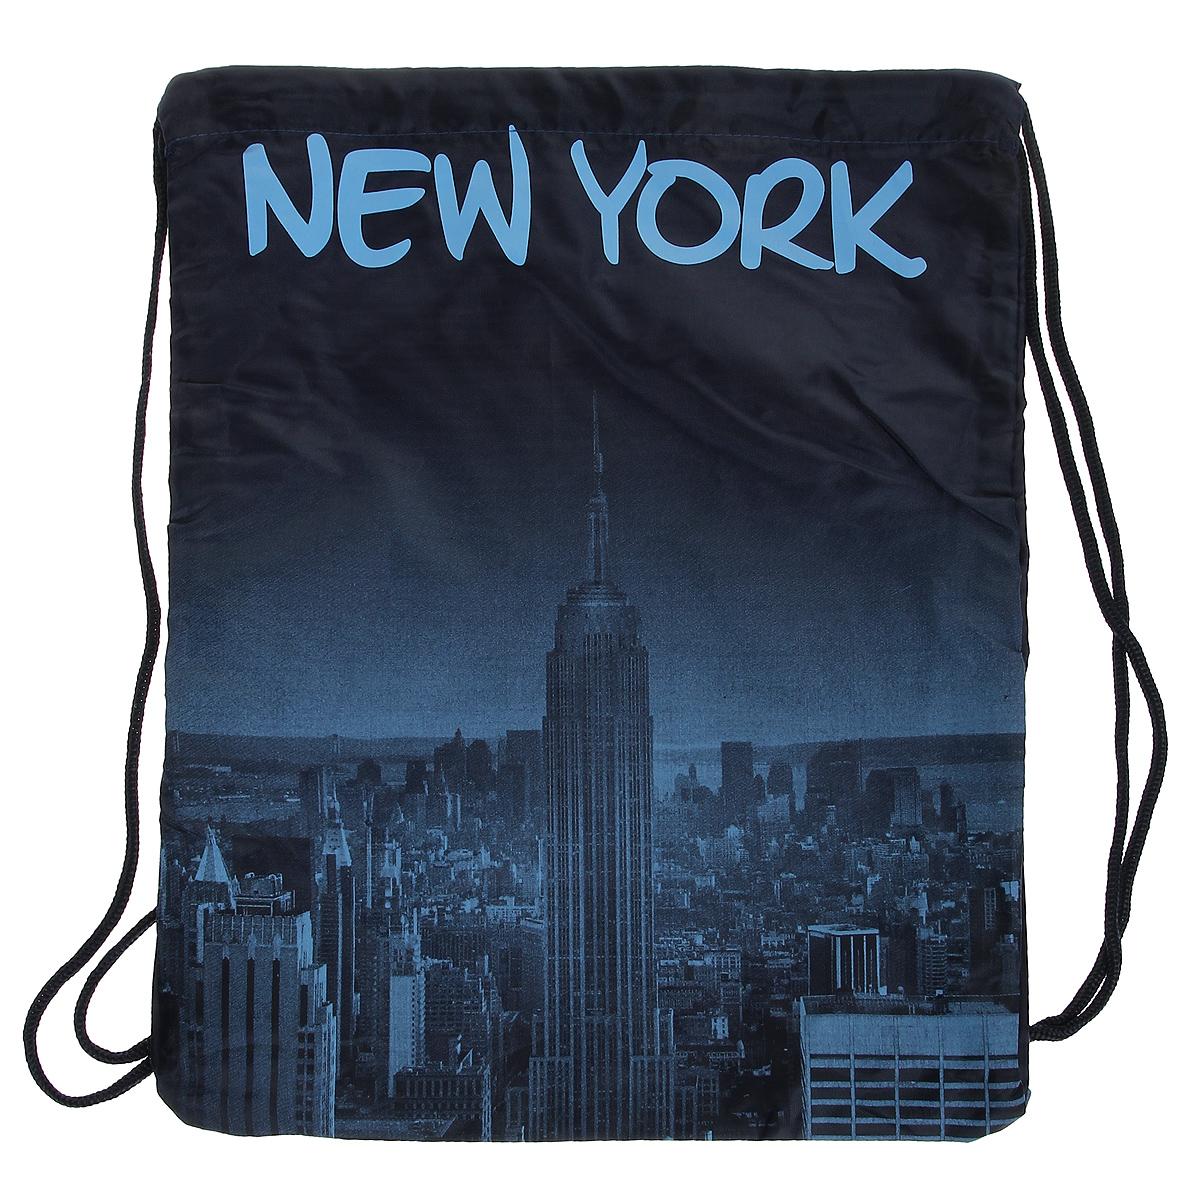 Сумка женская Robin Ruth New York, цвет: синий. BNY614-DBNY614-DСтильная женская сумка выполнена из полиэстера синего цвета и оформлена принтом в виде надписей New York. Сумка состоит из одного основного отделения, которое затягивается шнурком. Такая сумка идеально дополнит ваш образ. Характеристики: Цвет: синий. Материал: полиэстер. Размер сумки (без учета ручки): 34 см х 43 см х 2 см. Изготовитель: Китай. Артикул: BNY614-D.